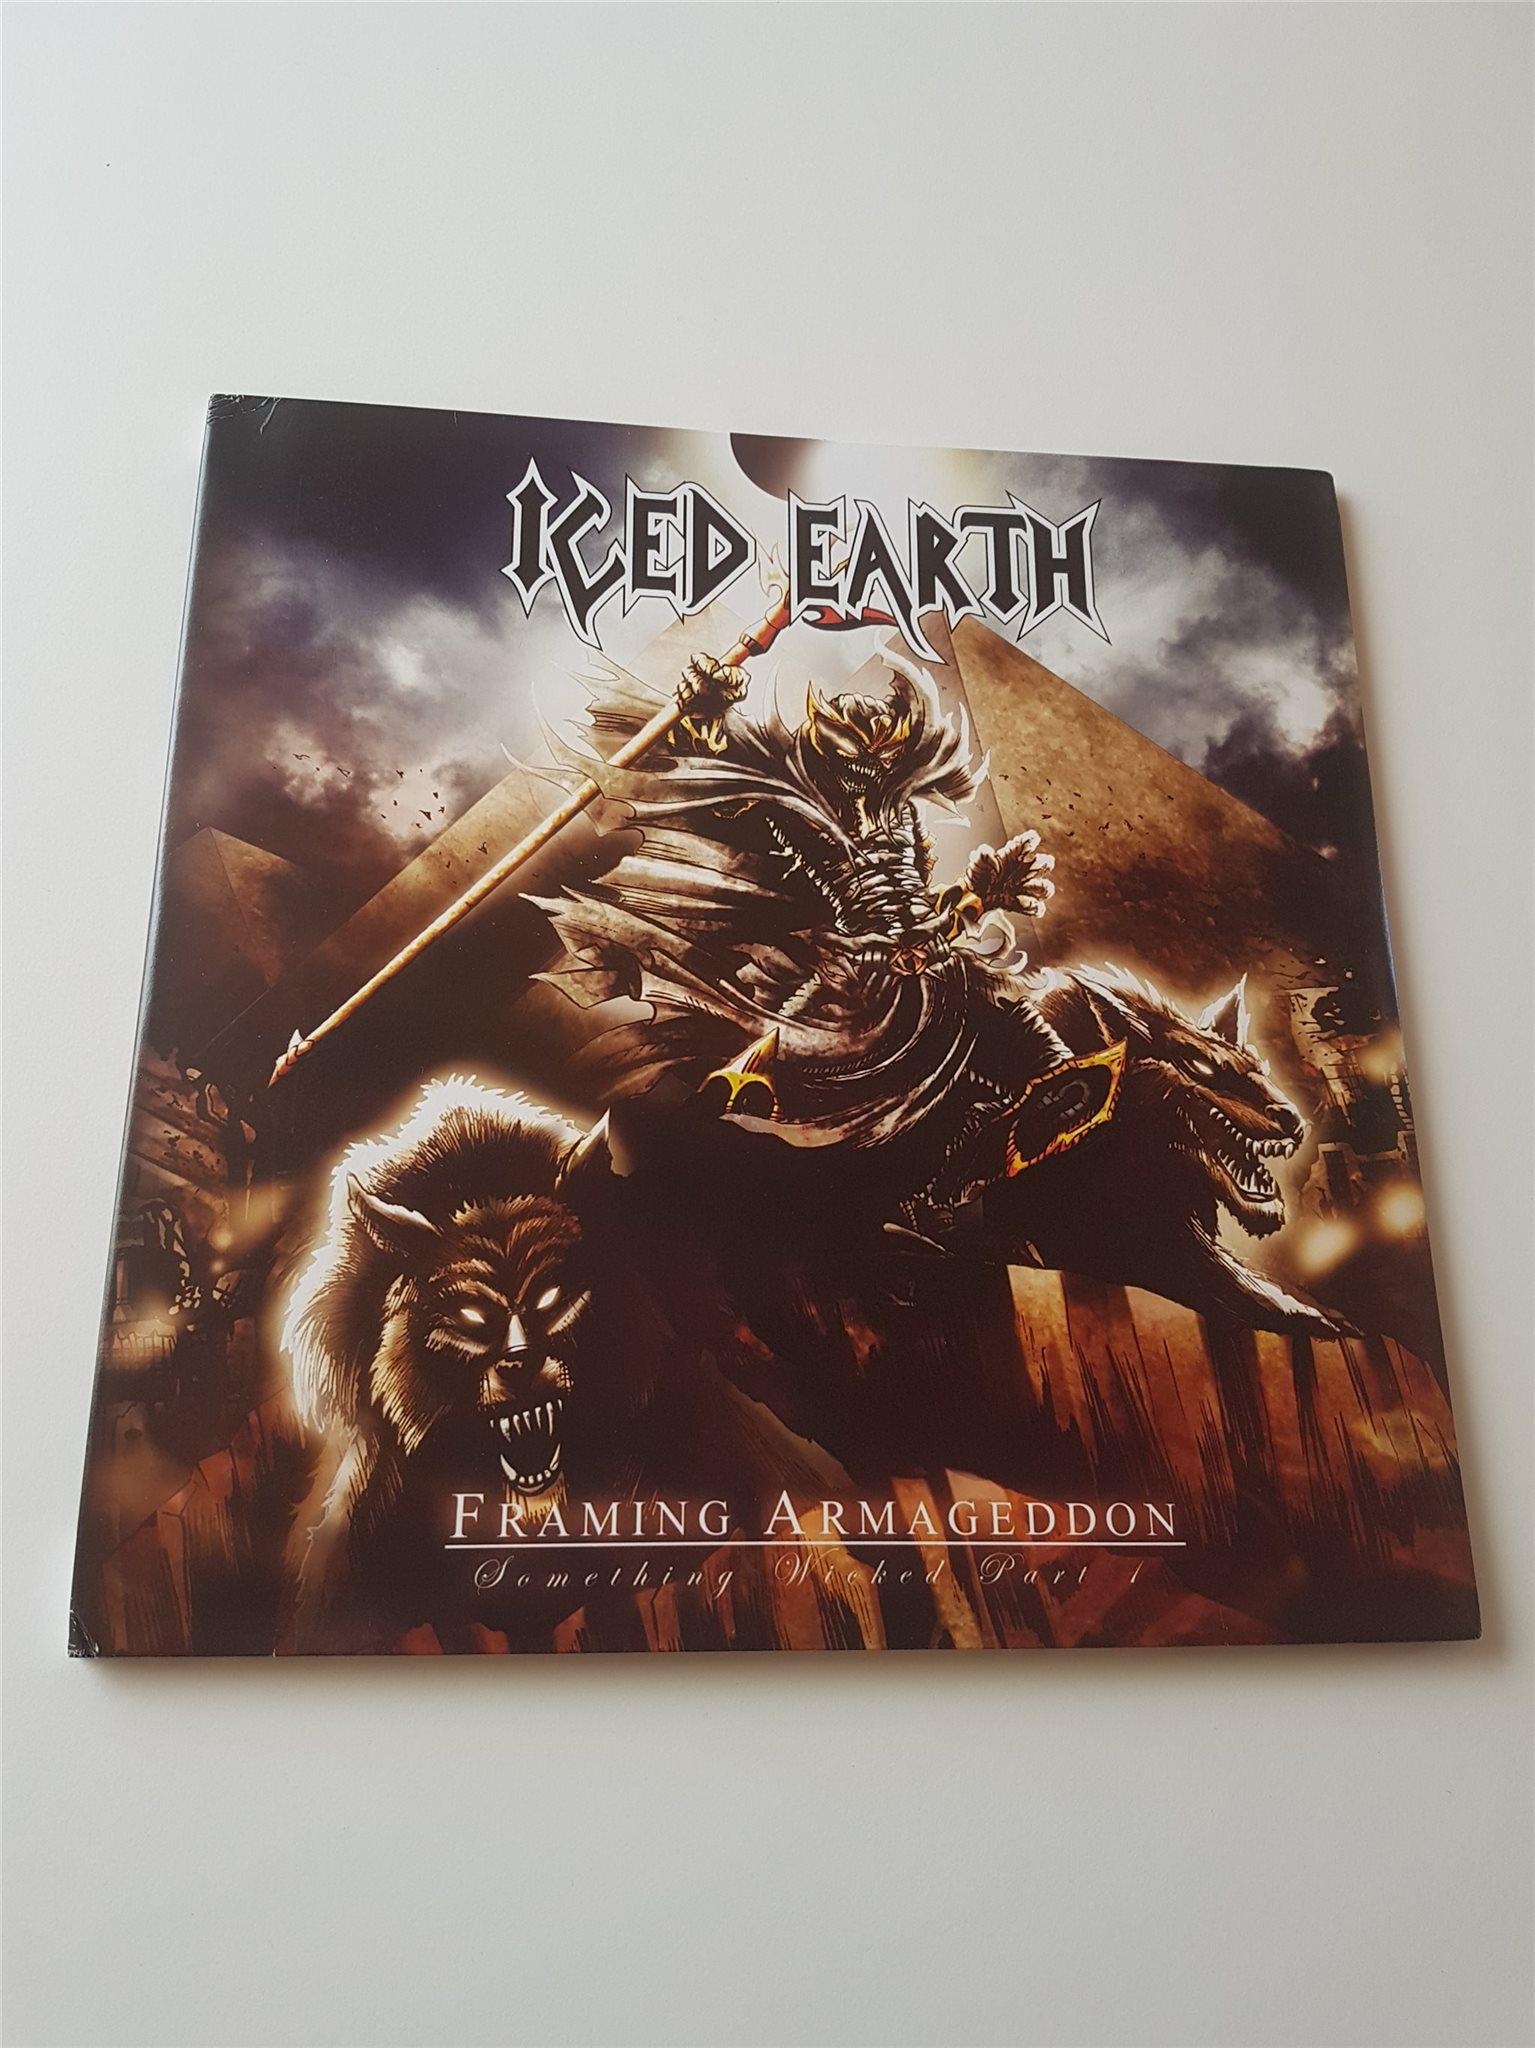 Iced Earth framing armageddon Tim Ripper Owens Judas Priest vinyl LP på